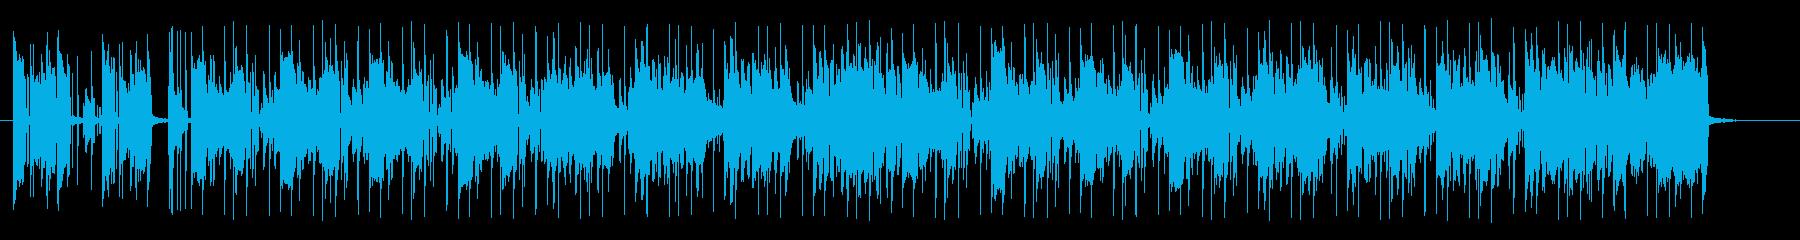 ポップでキャッチ―なシンセサウンドの再生済みの波形